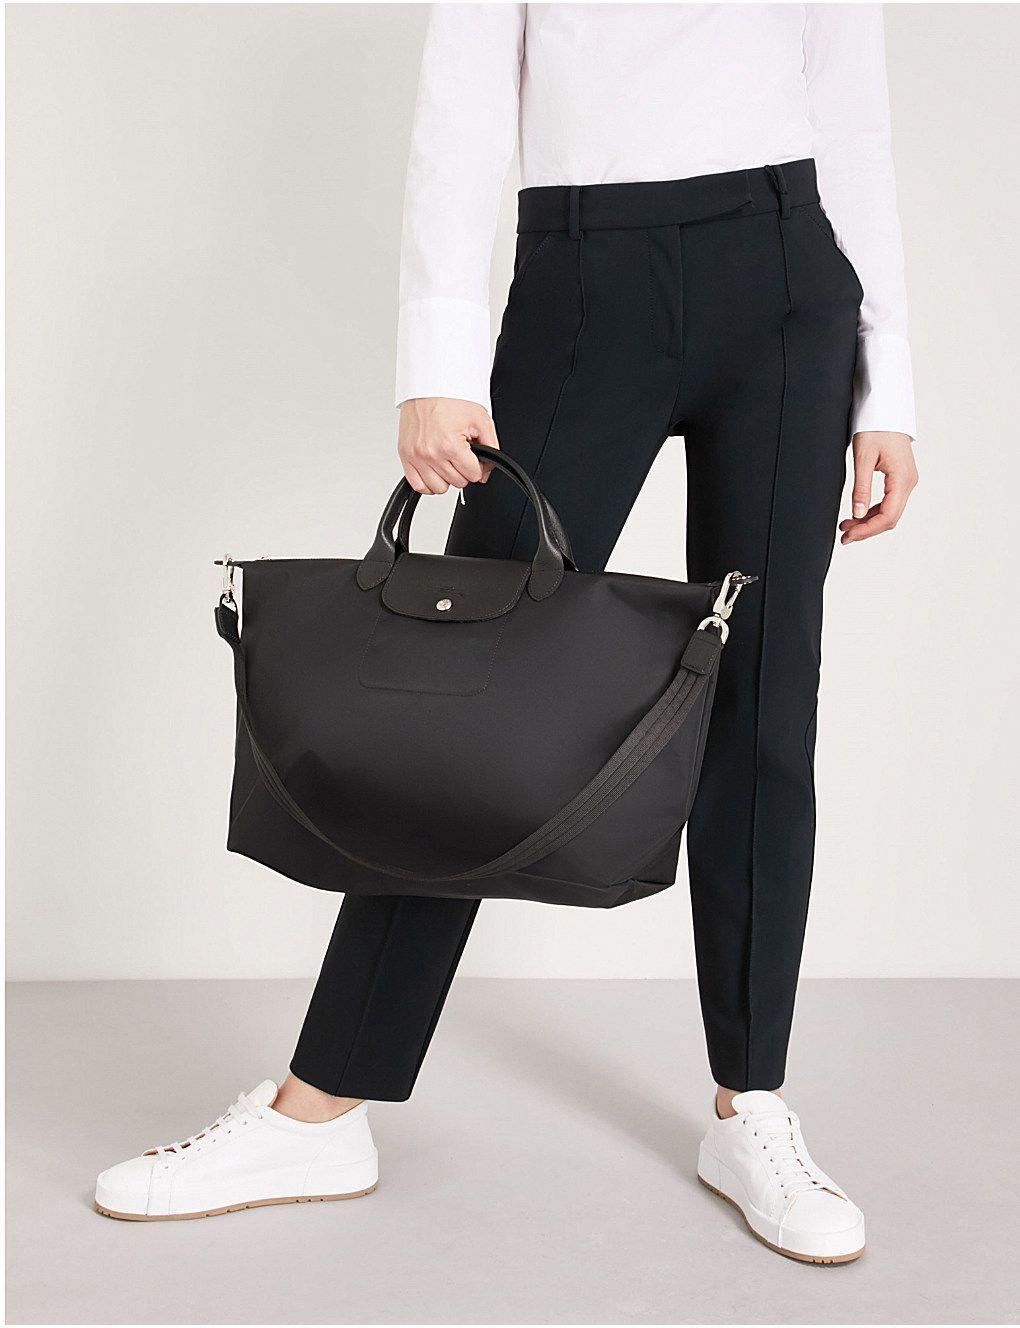 LONGCHAMP - Le Pliage Neo large handbag   Selfridges.com   AffordableLeatherHandbags 0f22559aa5